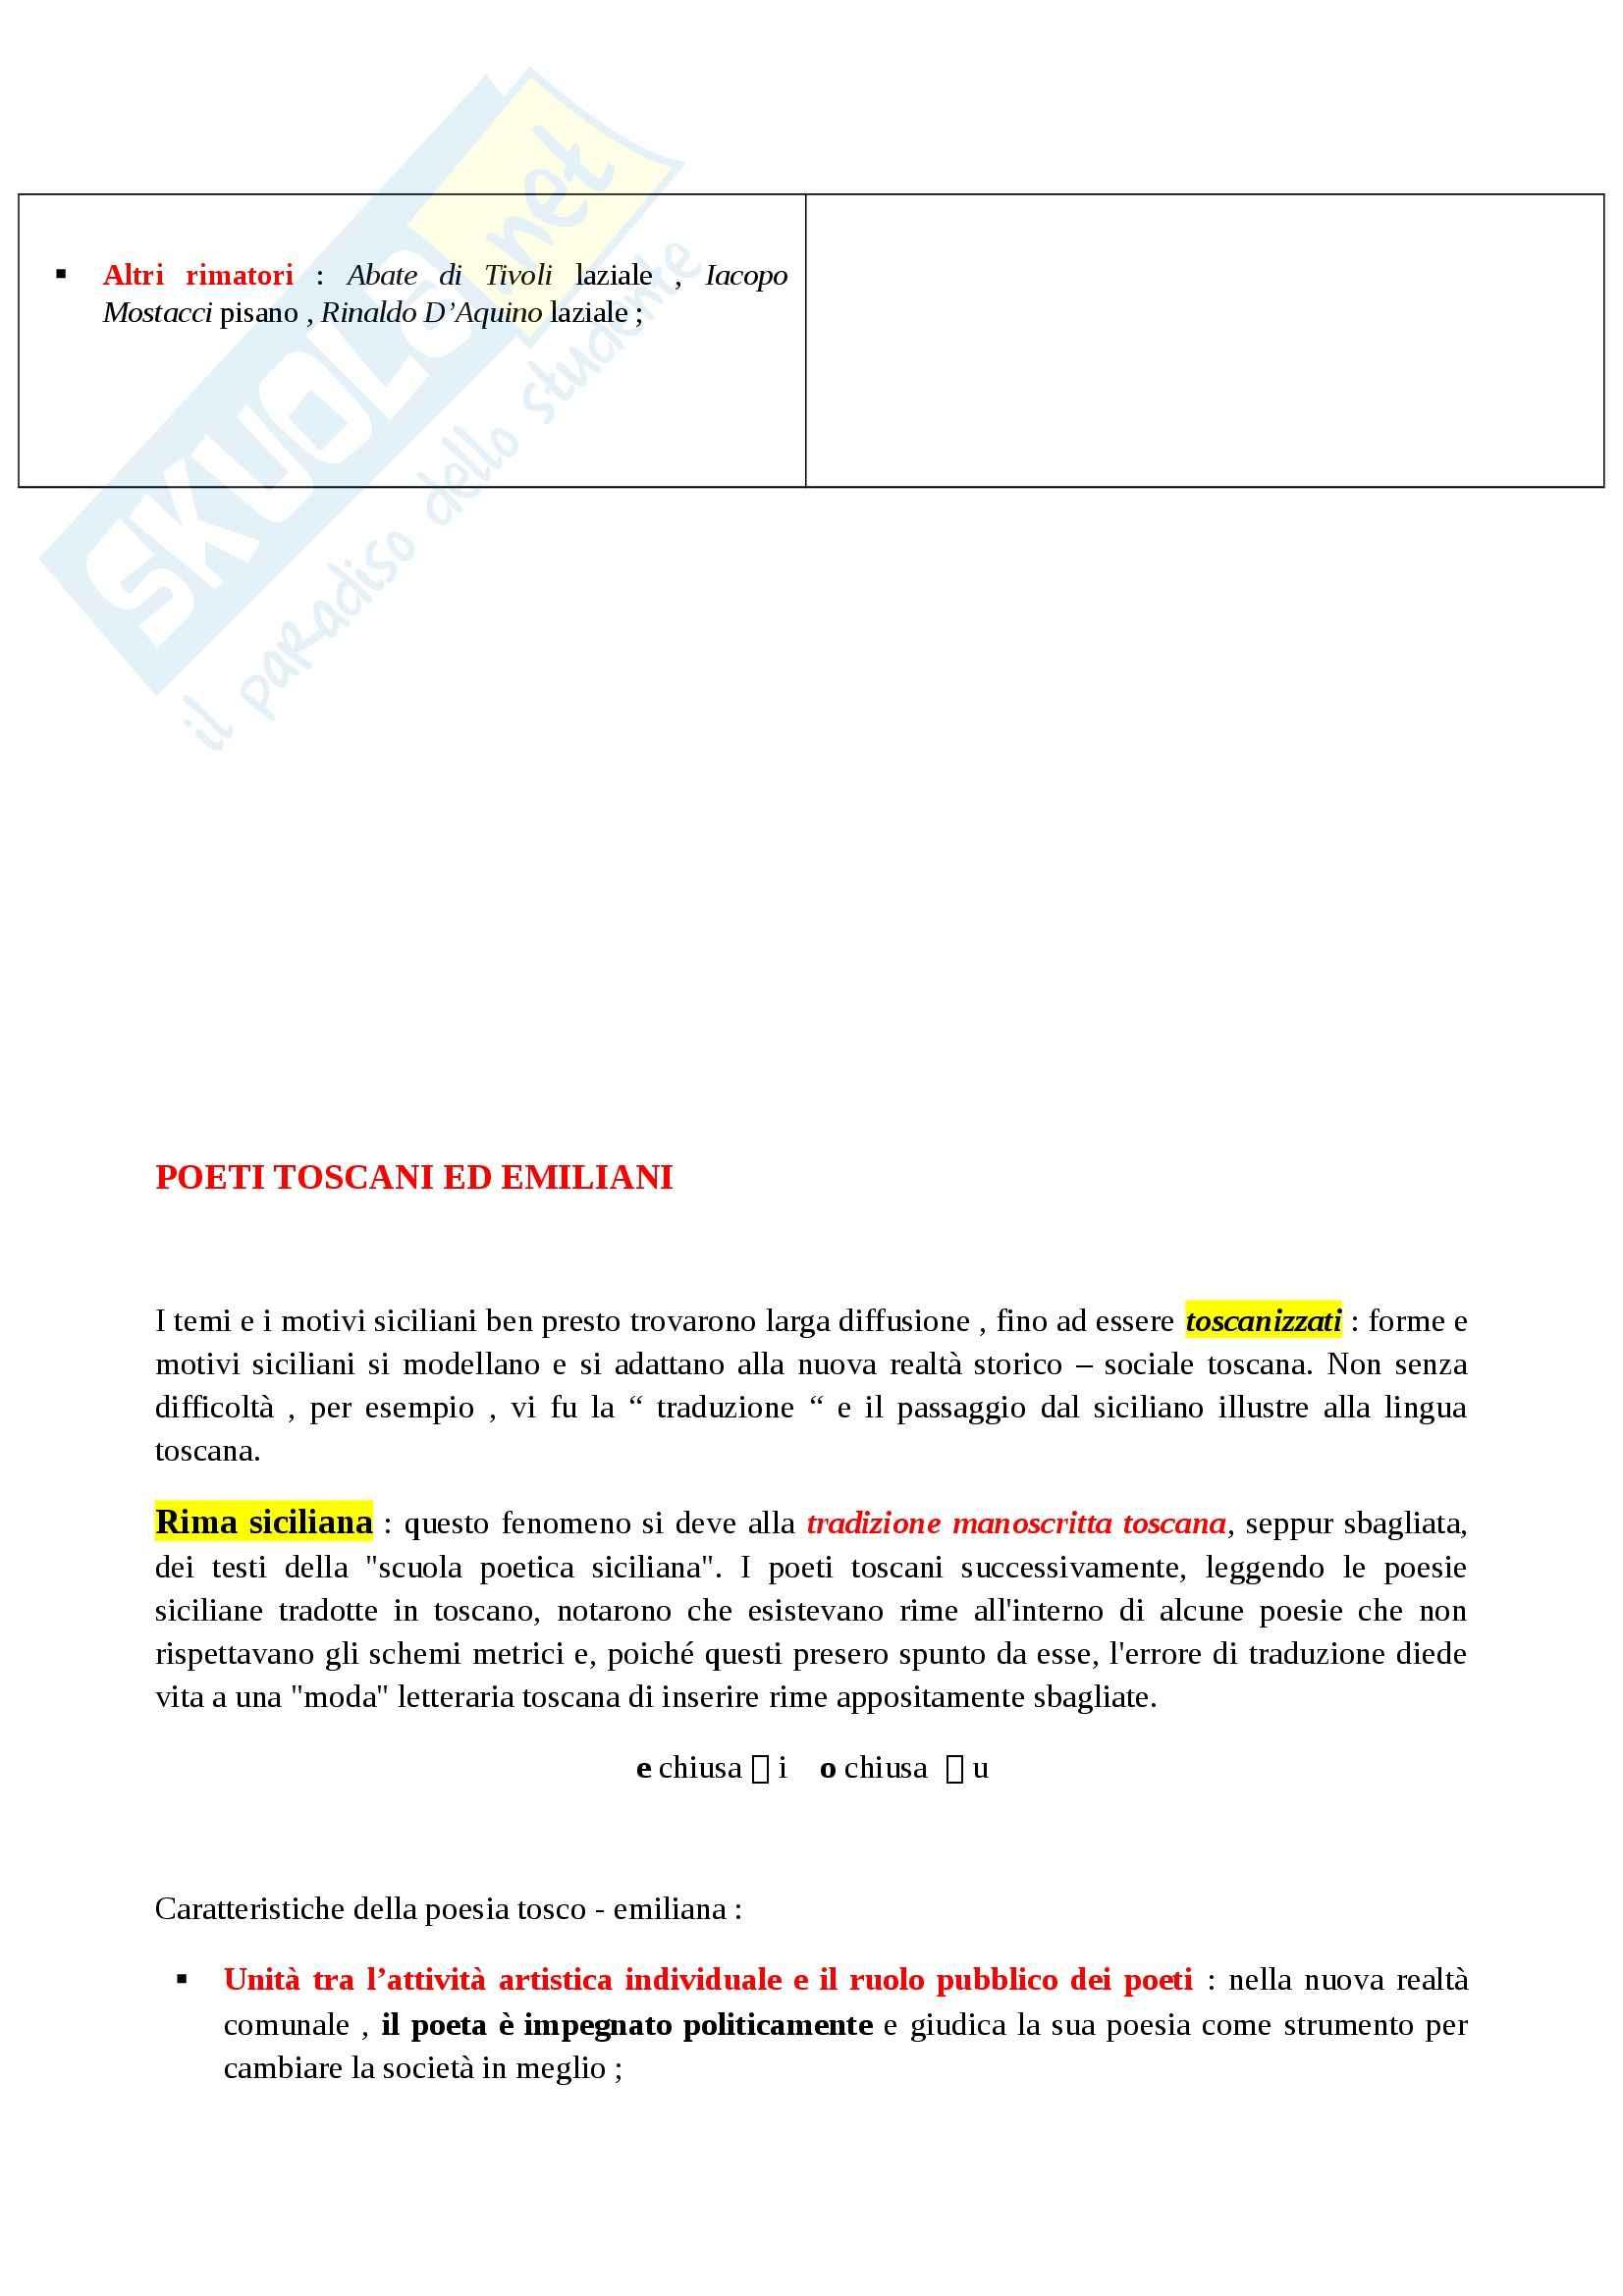 Riassunto esame Letteratura Italiana: La Letteratura Italiana, dalle Origini al Secondo Ottocento, prof. Paolino Pag. 11